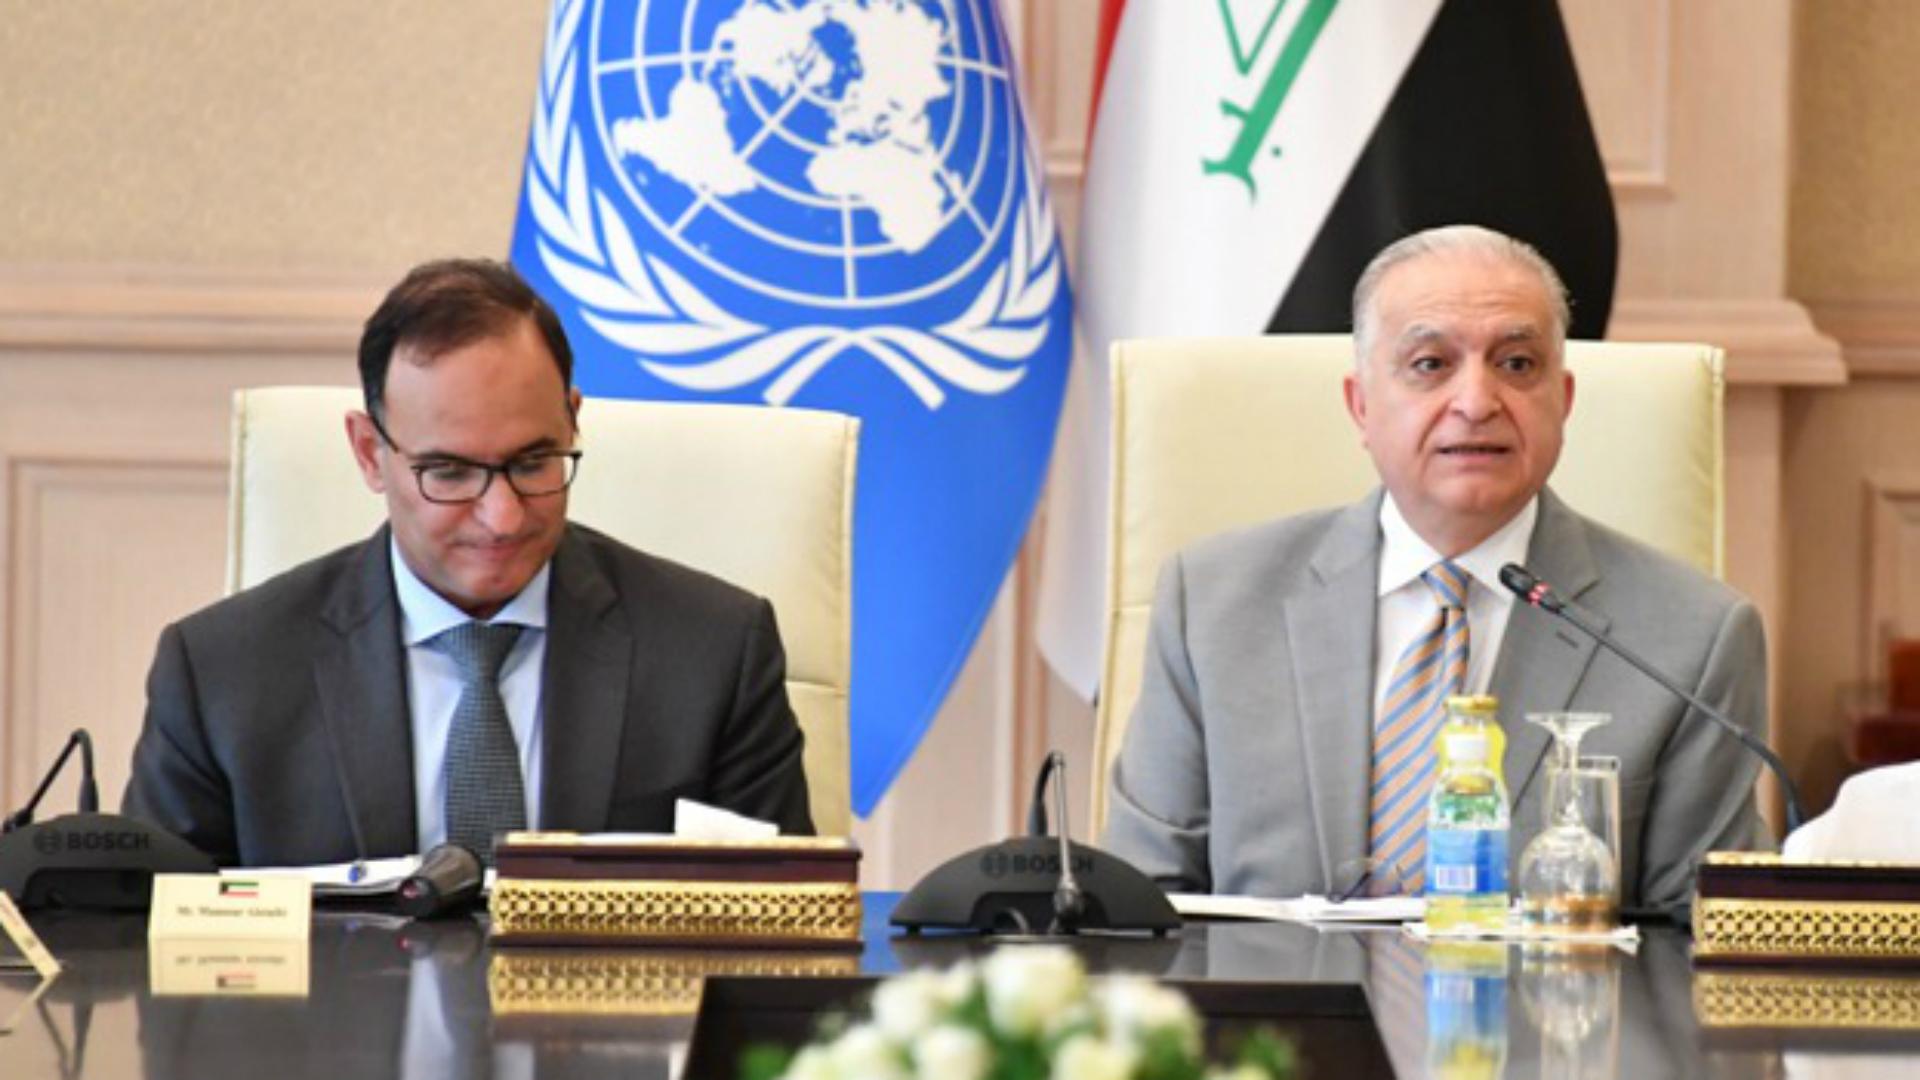 وفد من مجلس الأمن يشيد بدور العراق الإقليمي